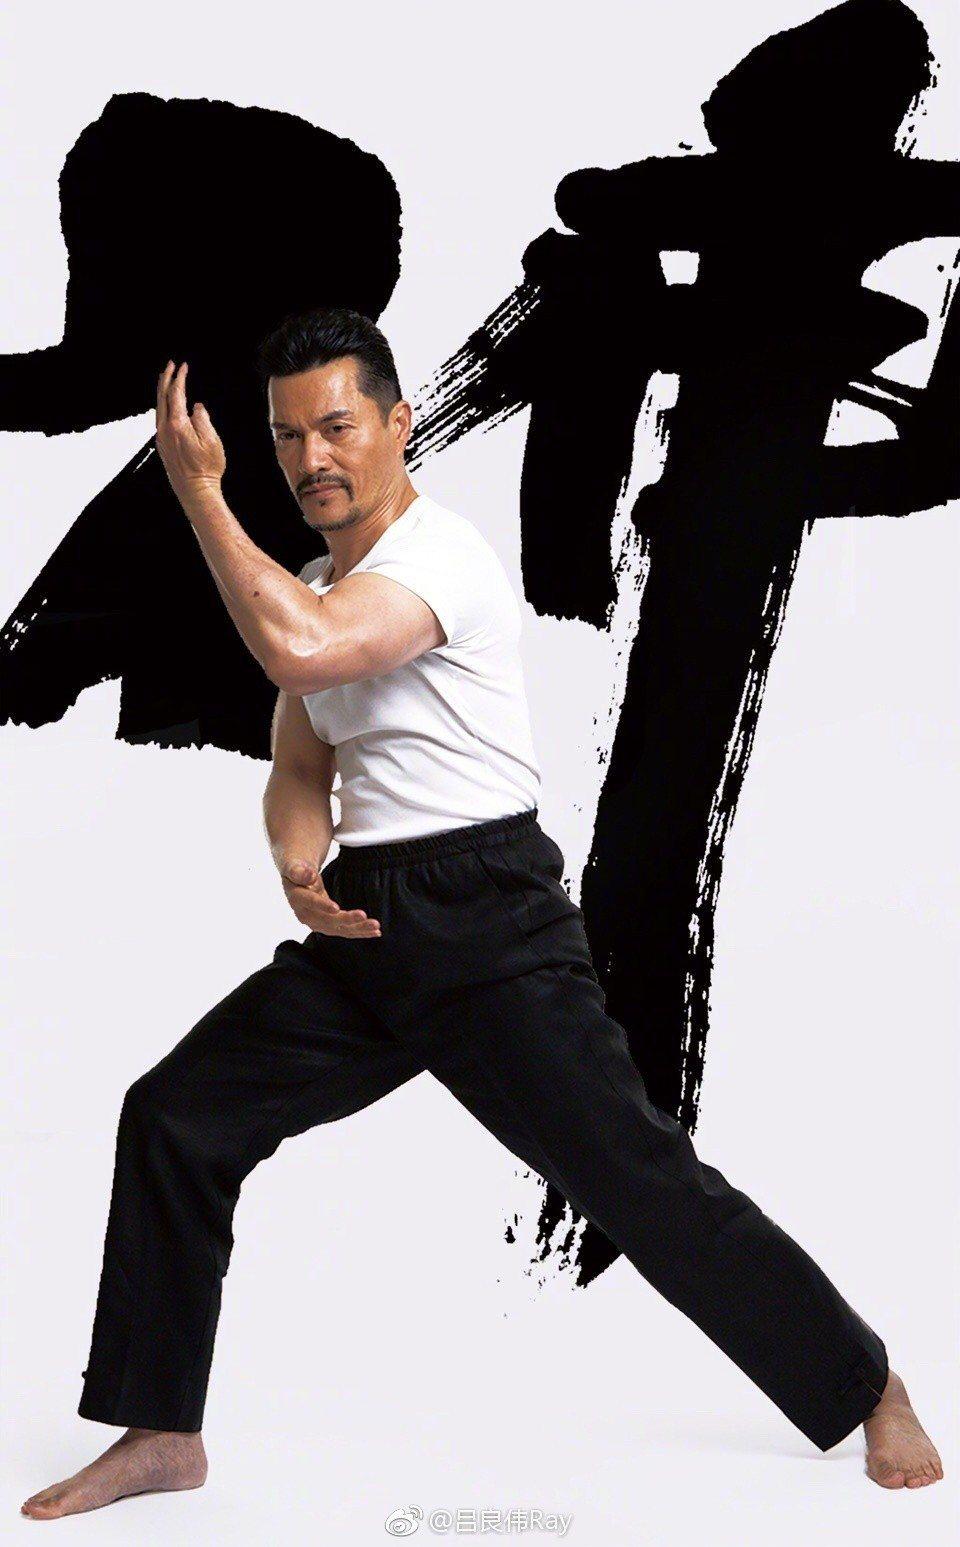 由主席李祐寧領軍的第58屆亞太影展,將邀請呂良偉來台共襄盛舉。圖/摘自微博